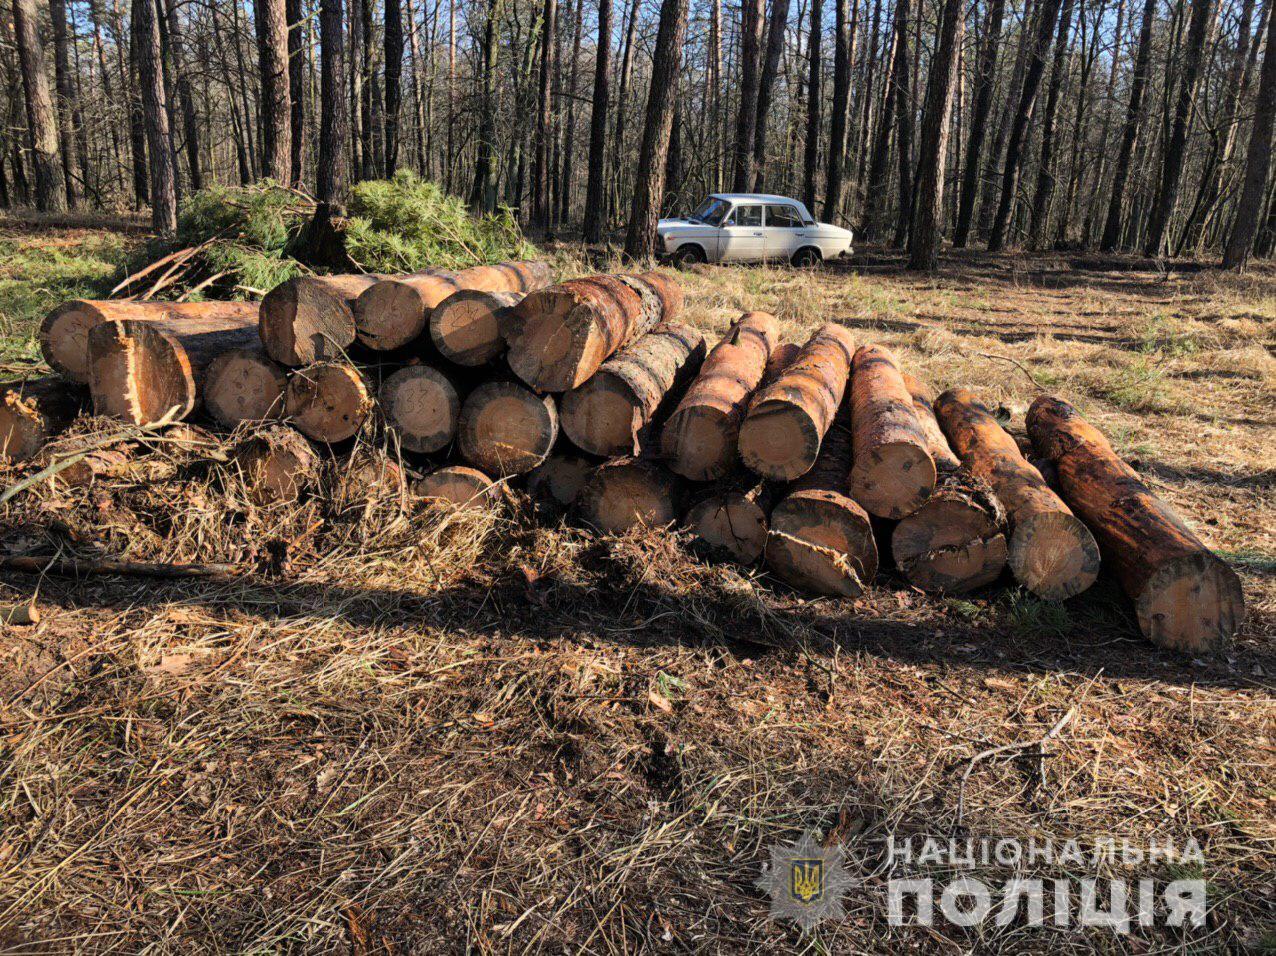 На Переяславщині незаконно вирубували ліс: поліція відкрила кримінальне провадження - Переяслав, незаконне вирубування лісу - lispereyaslav1